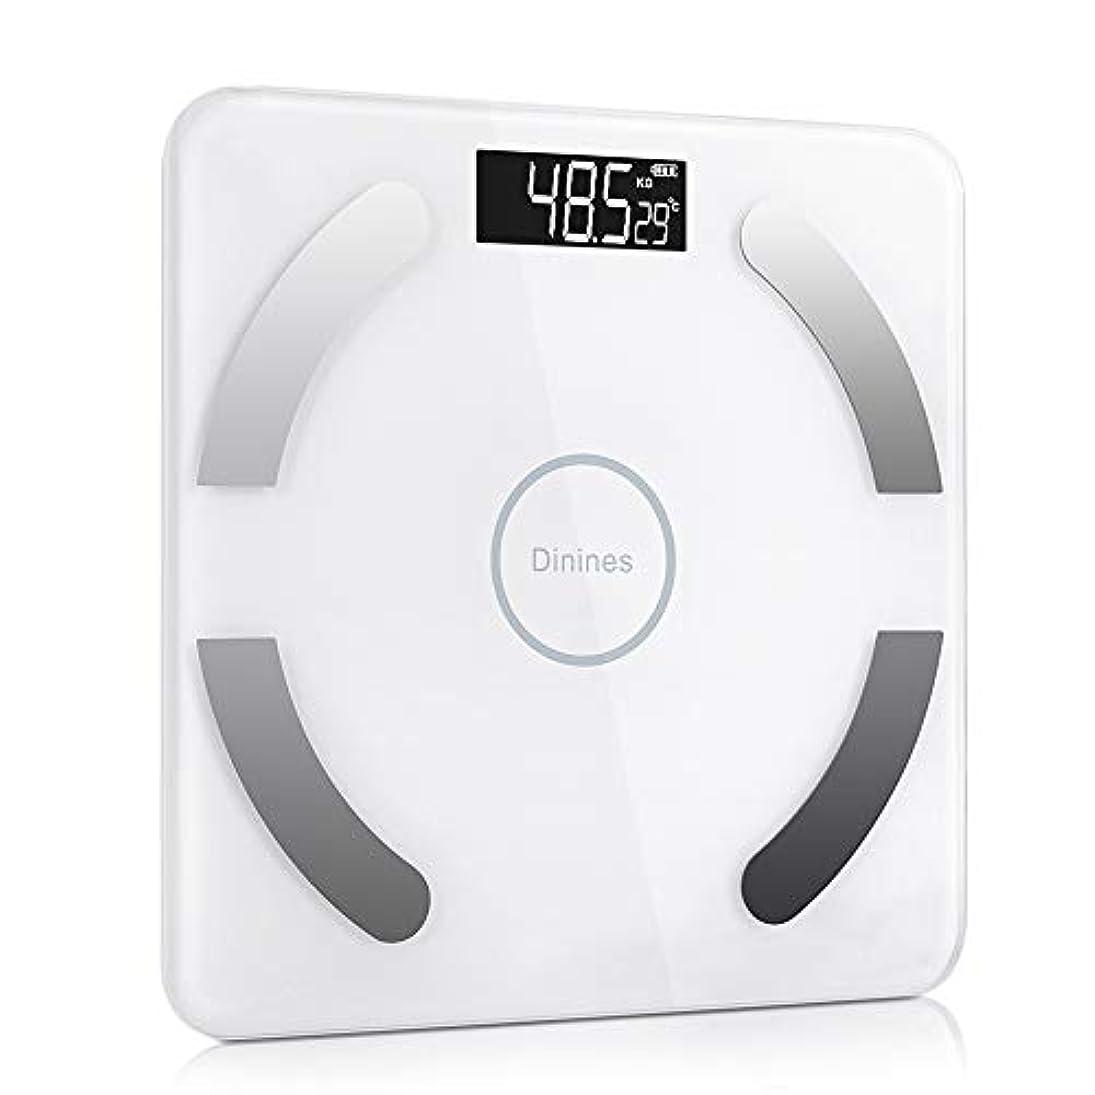 夜イサカ国内の体重計 体組成計 体脂肪計 ヘルスメーター スマホ連動 USB充電 Bluetooth対応 体重?体脂肪?体組成計 体重/体脂肪率/体水分率/推定骨量/基礎代謝量/内臓脂肪レベル/BMIなど測定可能 ダイエット アプリで管理